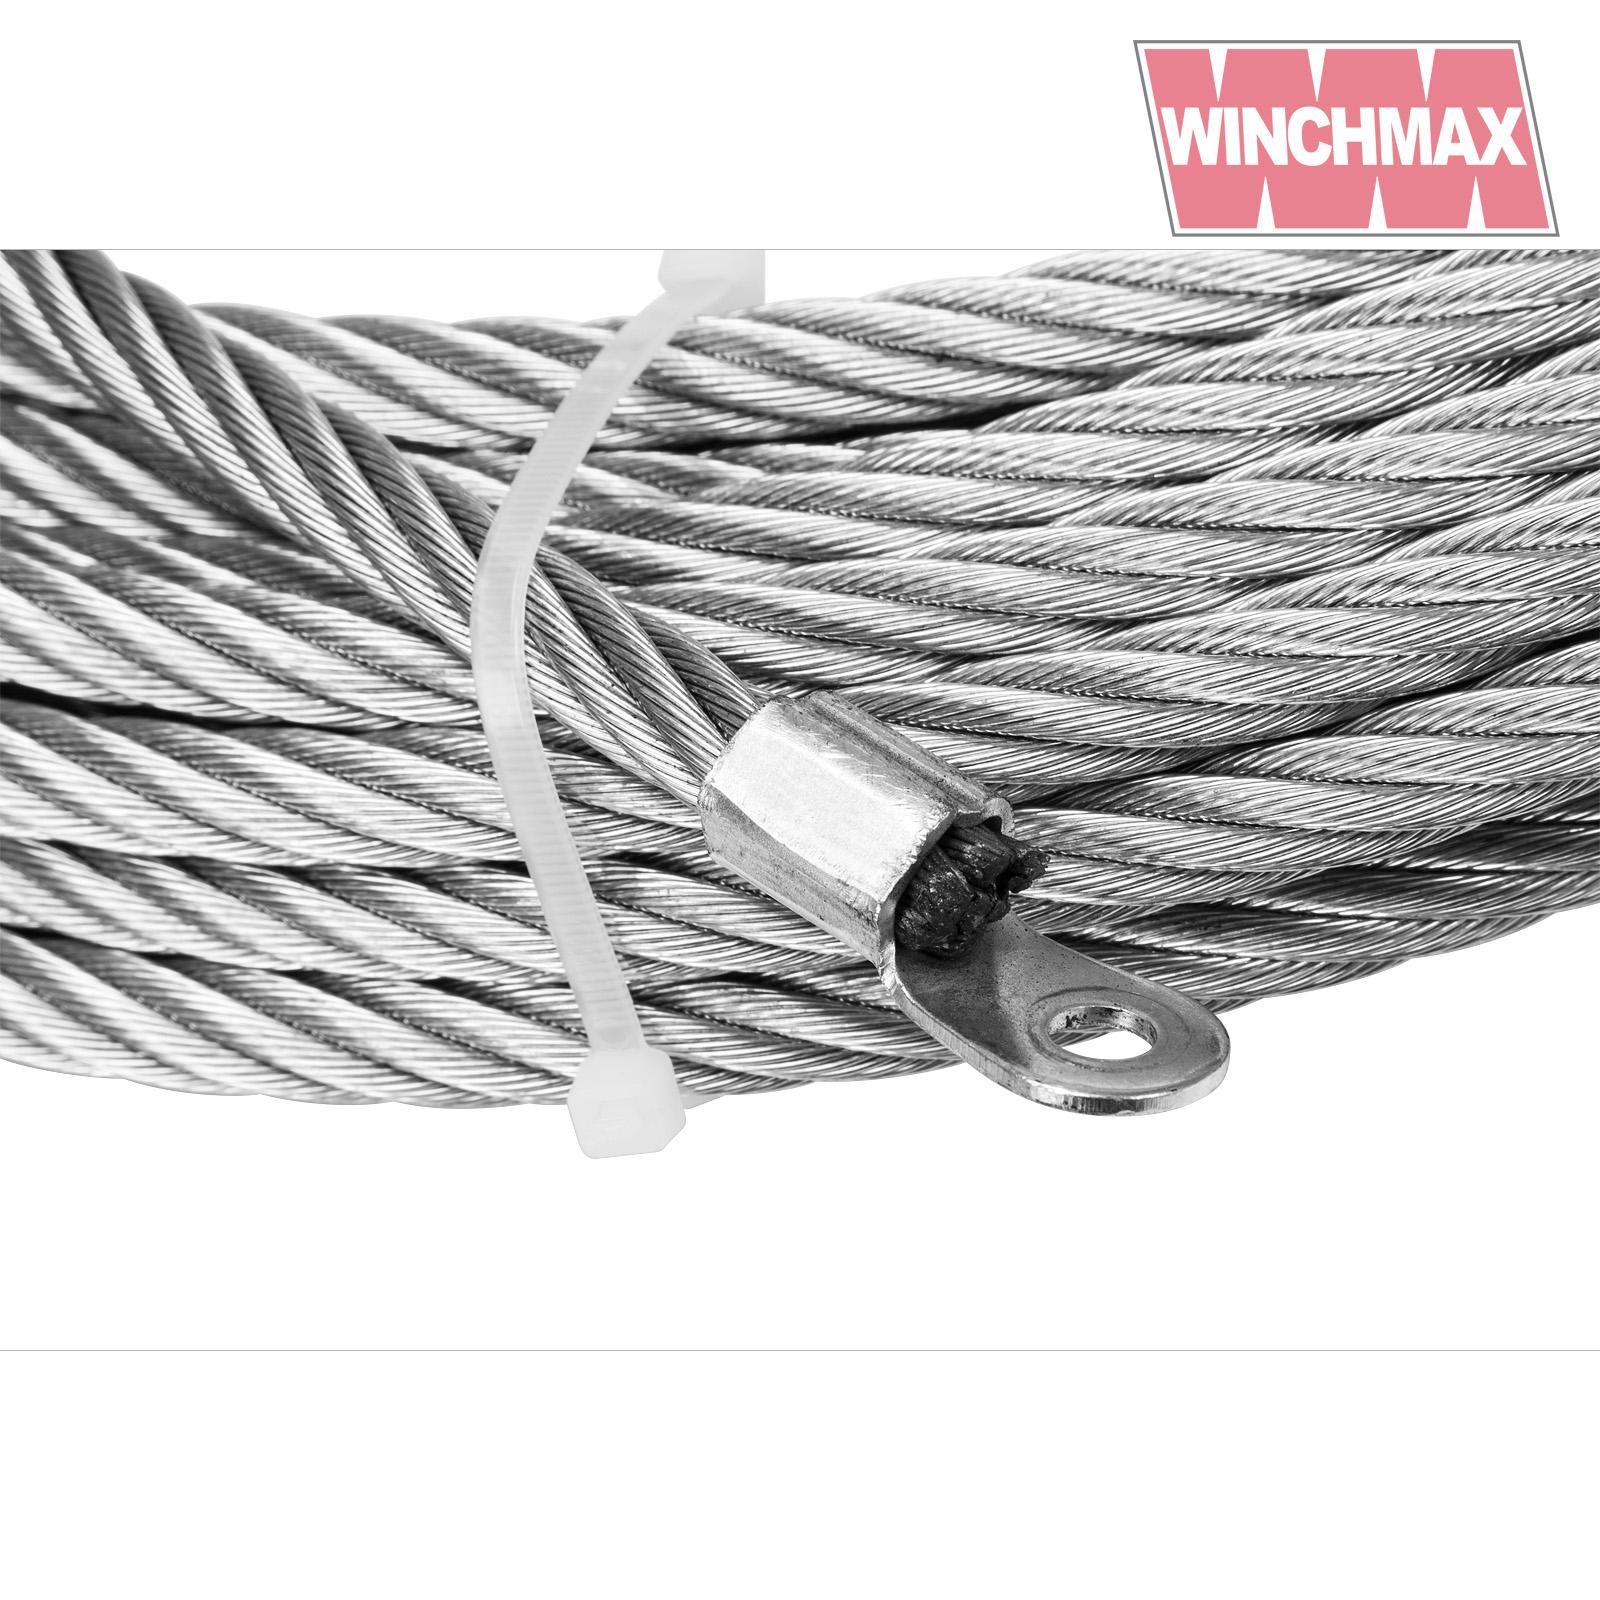 Wmwr26x12 wmwr26x14 winchmax 483